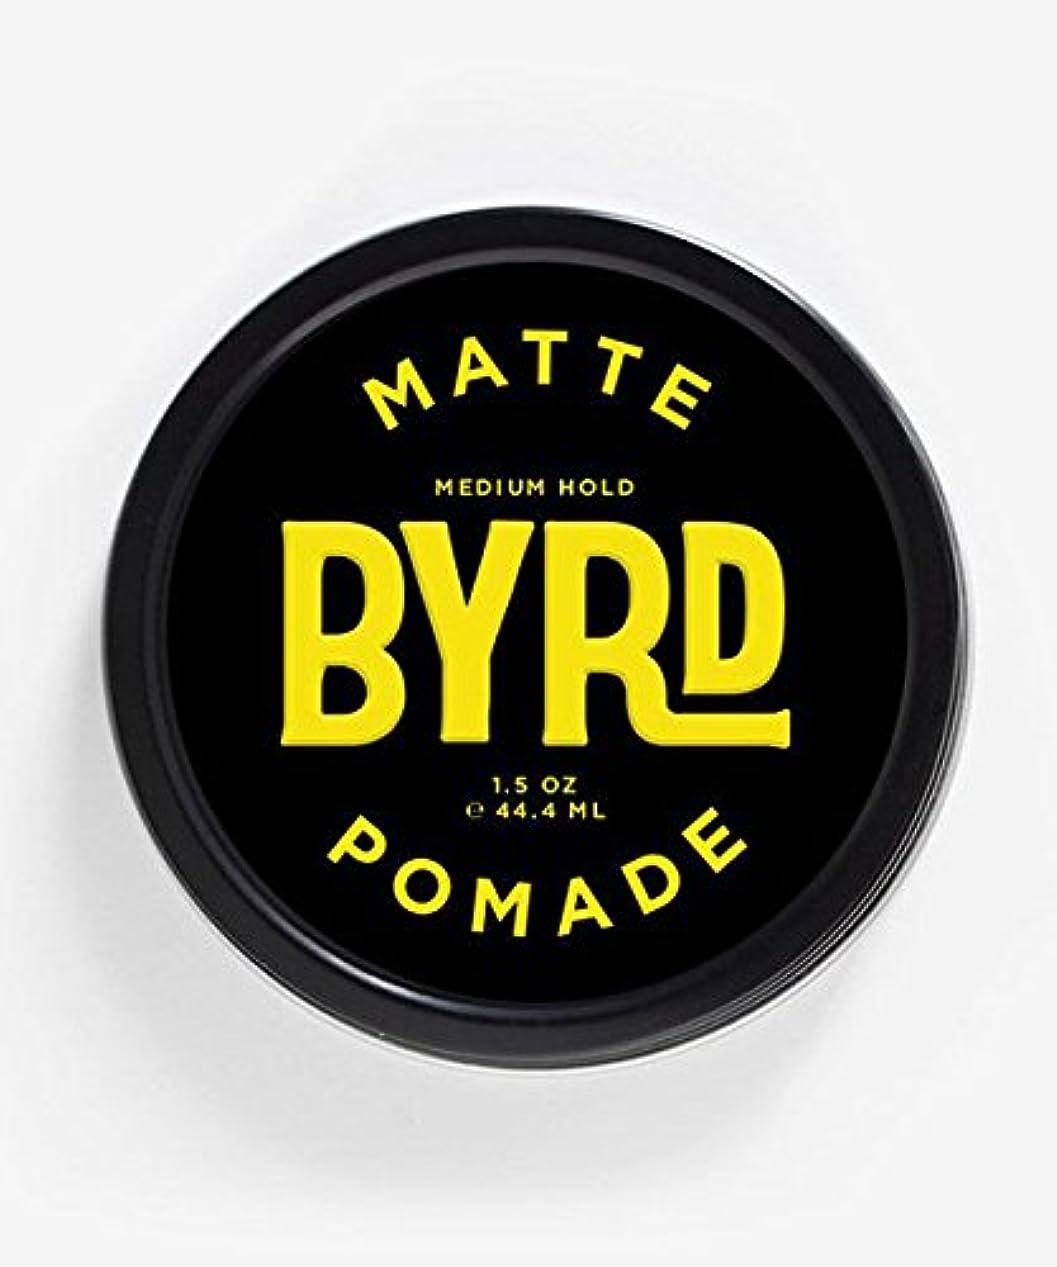 ありがたいクランプ広々BYRD(バード) マットポマード 42g